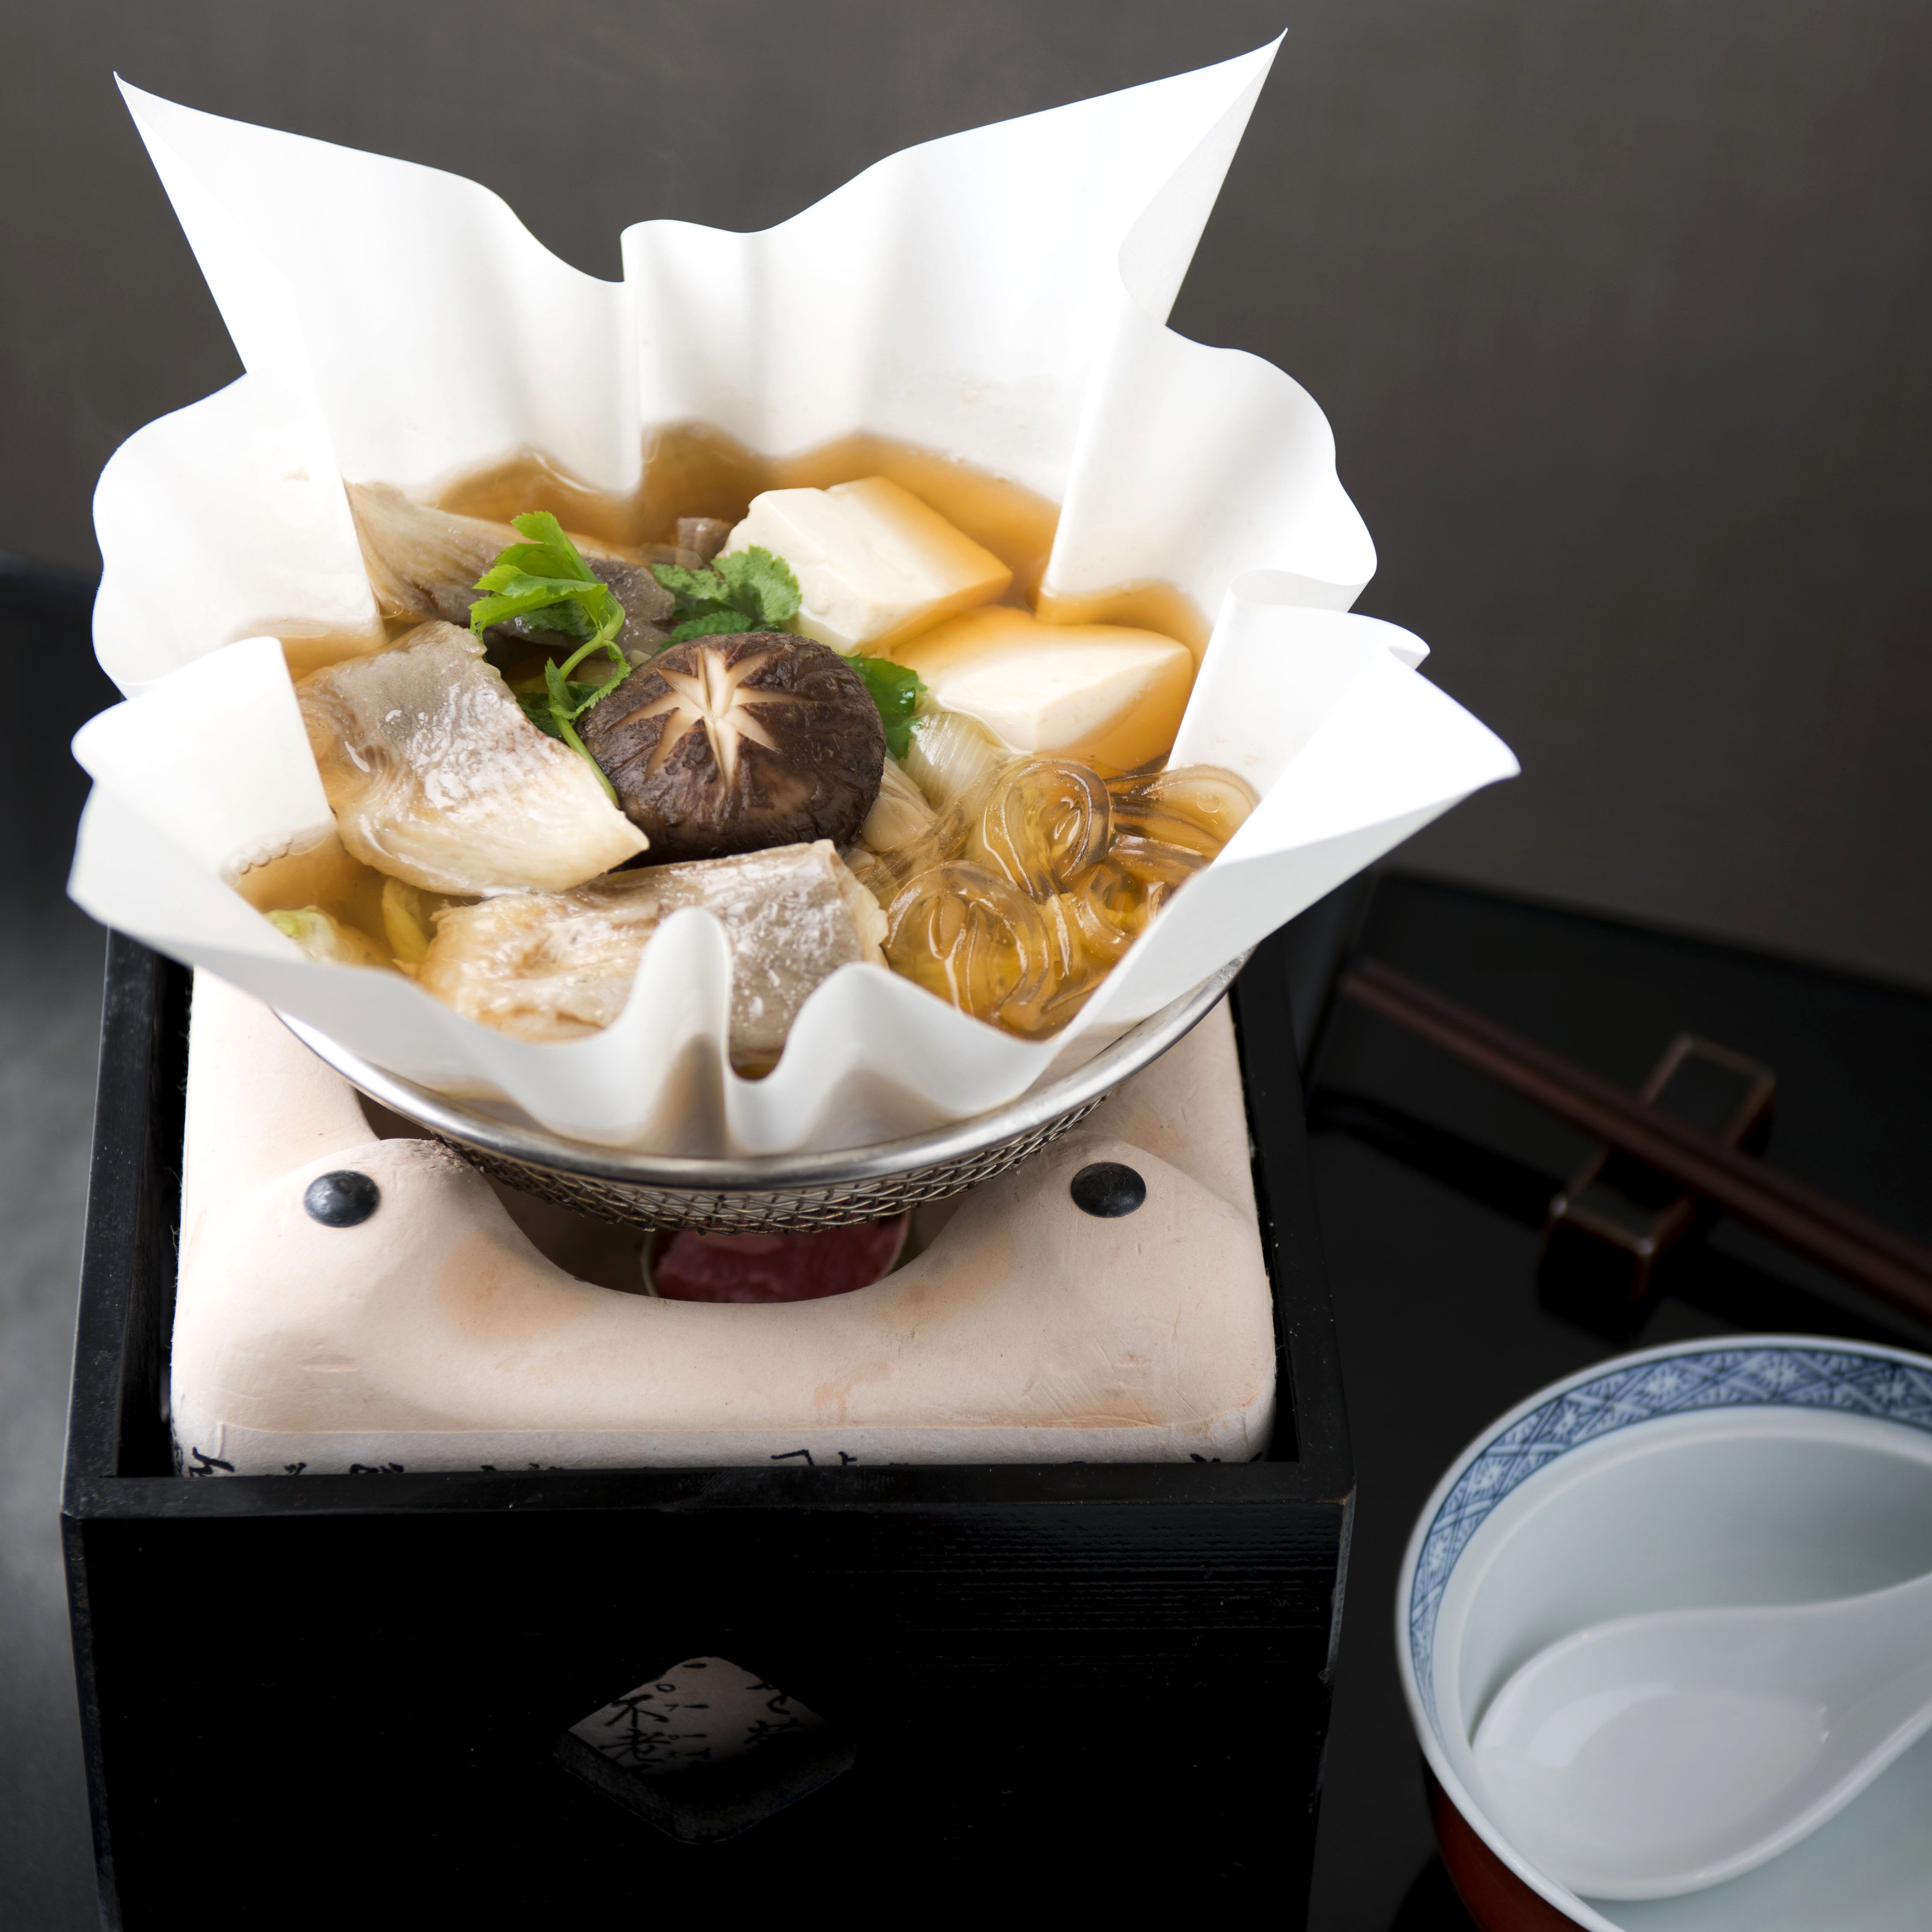 gindara kami nabe #westinbangkok #kisso #japaneserestaurant